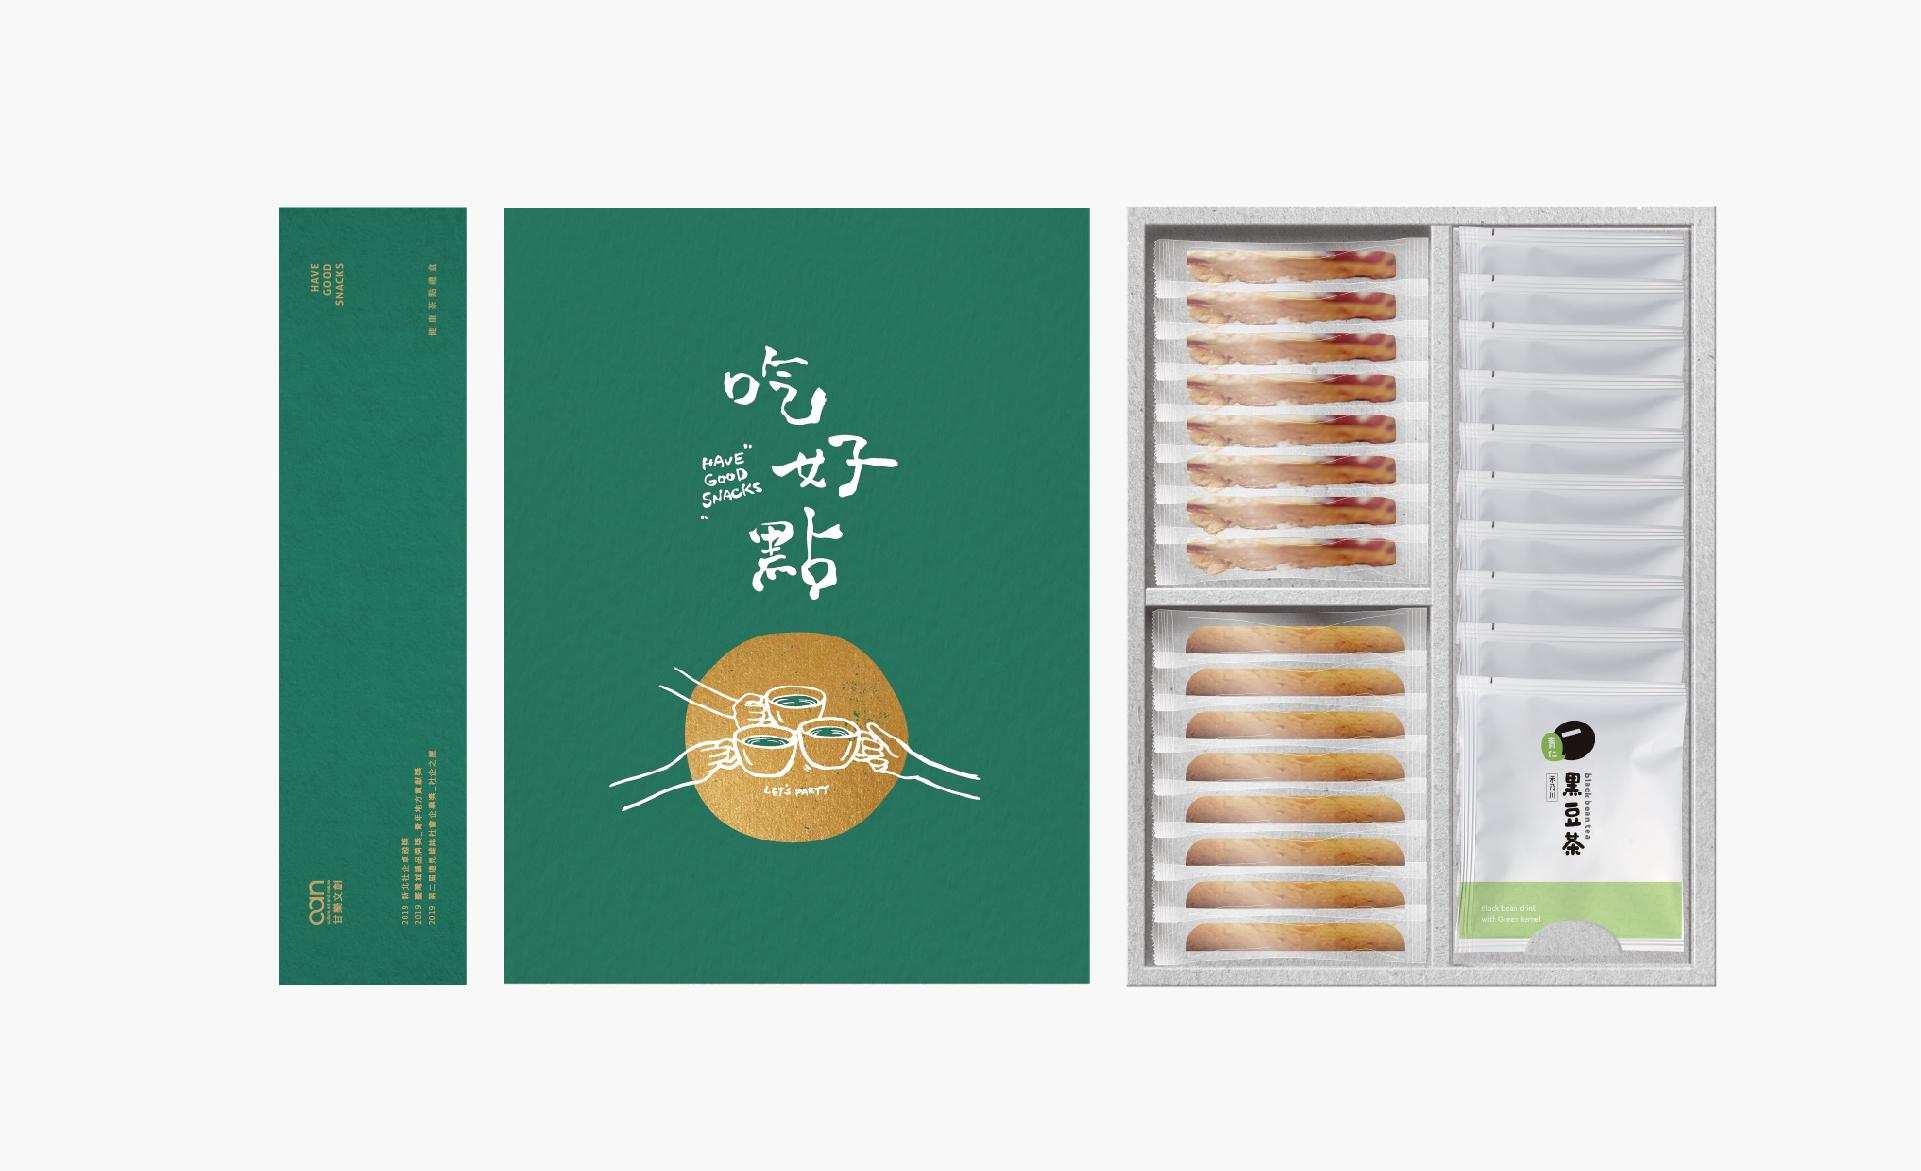 禮盒四|《 吃好點 》 茶點禮盒  《吃好點》茶點禮盒適合獨自享受幸福時光,更適合跟親朋好友分食共享,這款精選禮盒包括兩款餅乾皆由「小草書屋職研烘焙坊」用心烘焙,傳遞給您一份療癒且充滿溫度的手作點心!內含養身零熱量的焙炒青仁黑豆茶包、金黃酥脆的布列塔尼餅乾以及Q軟綿密、扎實不黏牙的黃豆雪莓Q餅。佳節送禮,喝一杯好茶,配上精緻甜點,共享美好時光,非《吃好點》茶點禮盒莫屬! | 改變生命的豆漿店